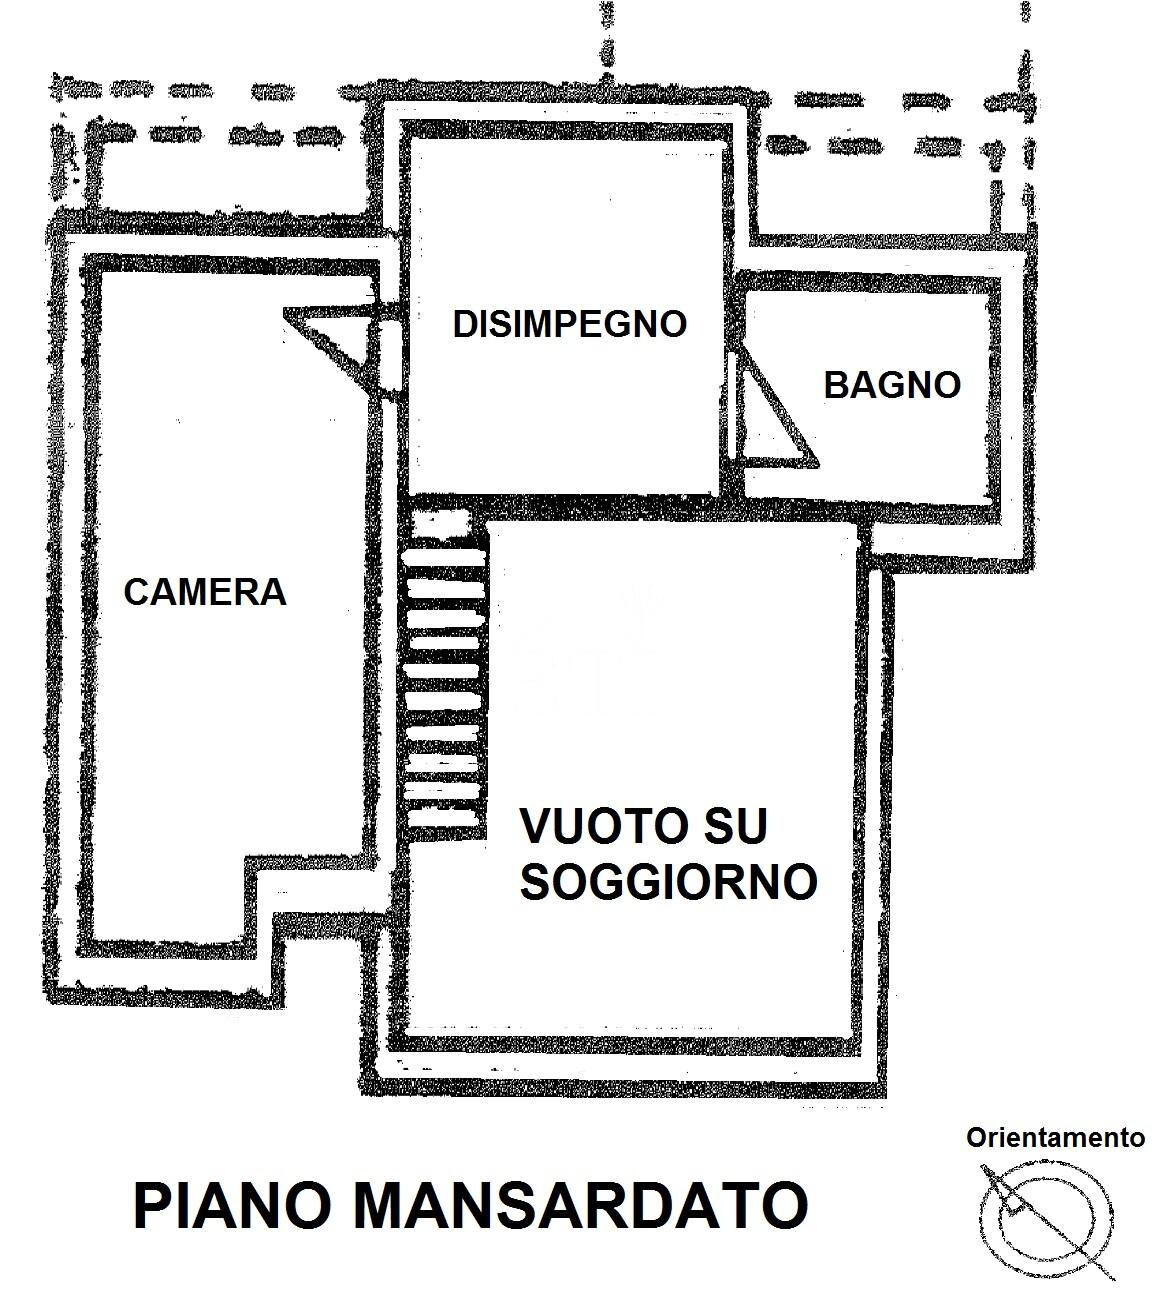 Piano mansarda